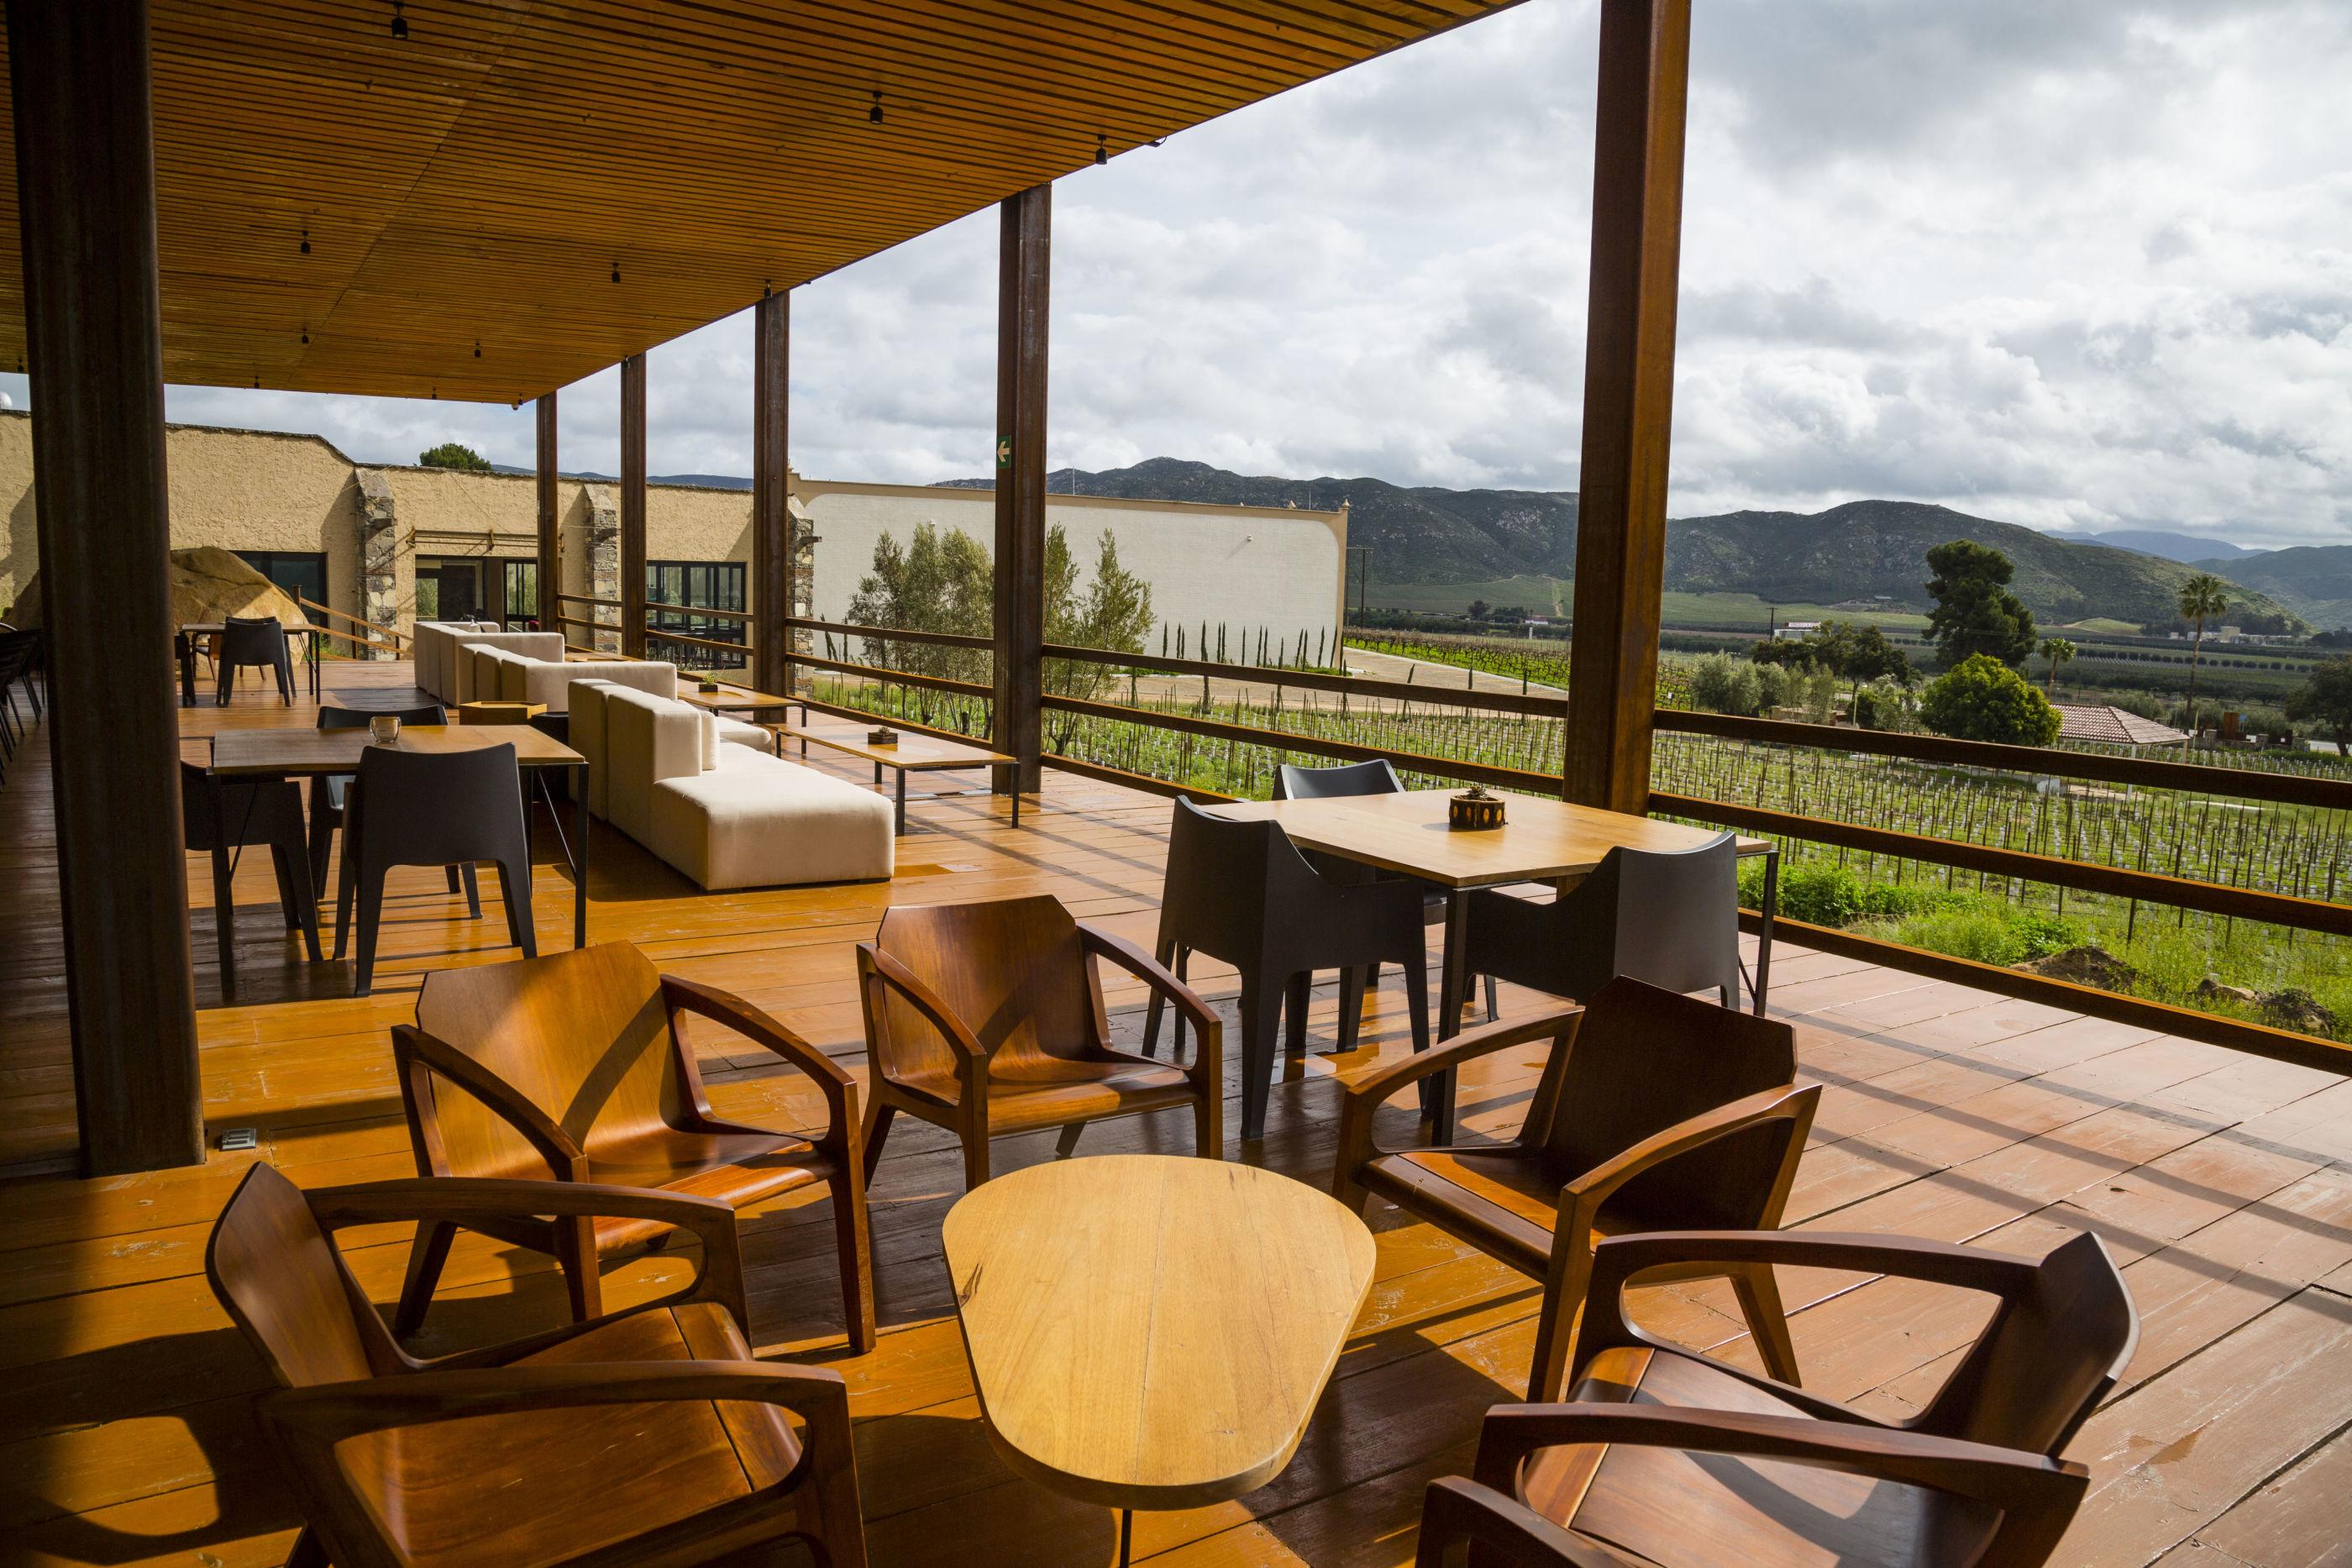 Almadraba Tapas Bar: La terraza (súper 'chic') con las mejores vistas a los viñedos del Valle de Guadalupe